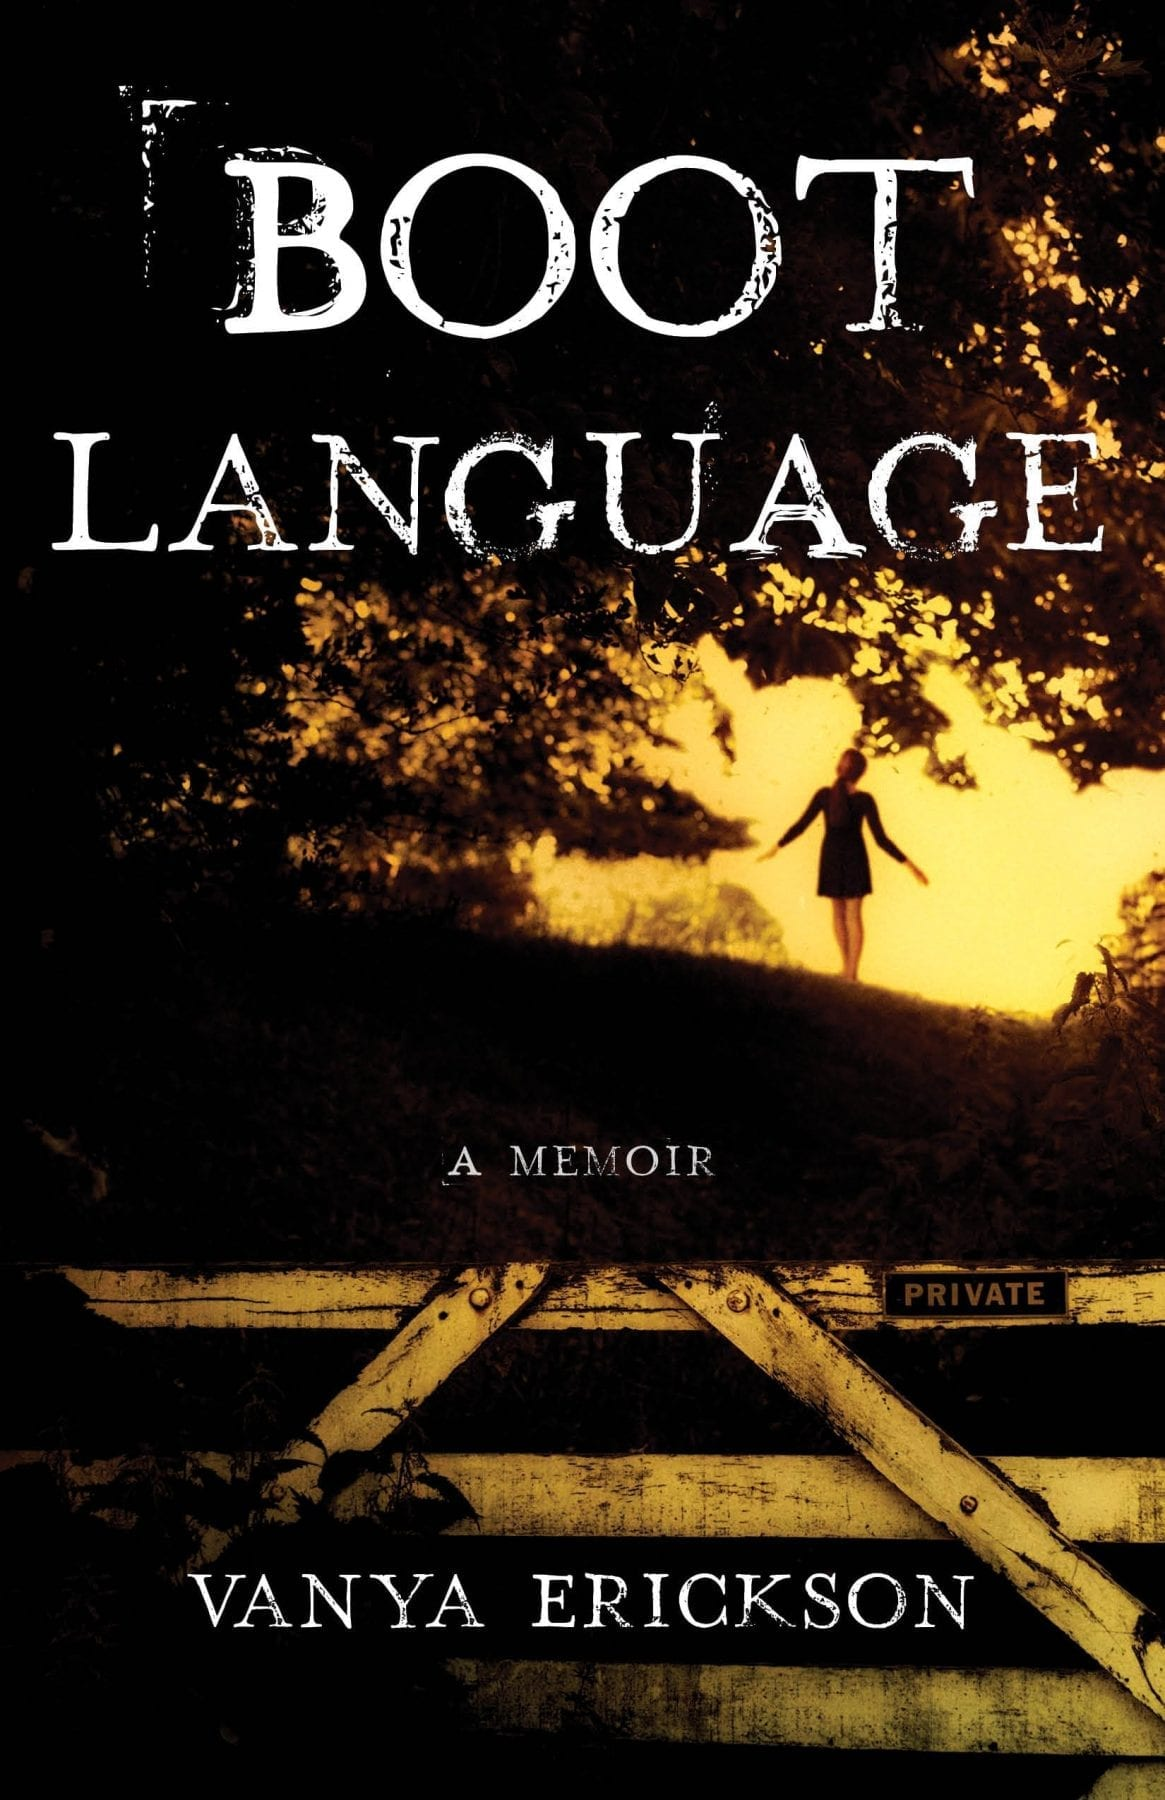 Boot Language by Vanya Erickson